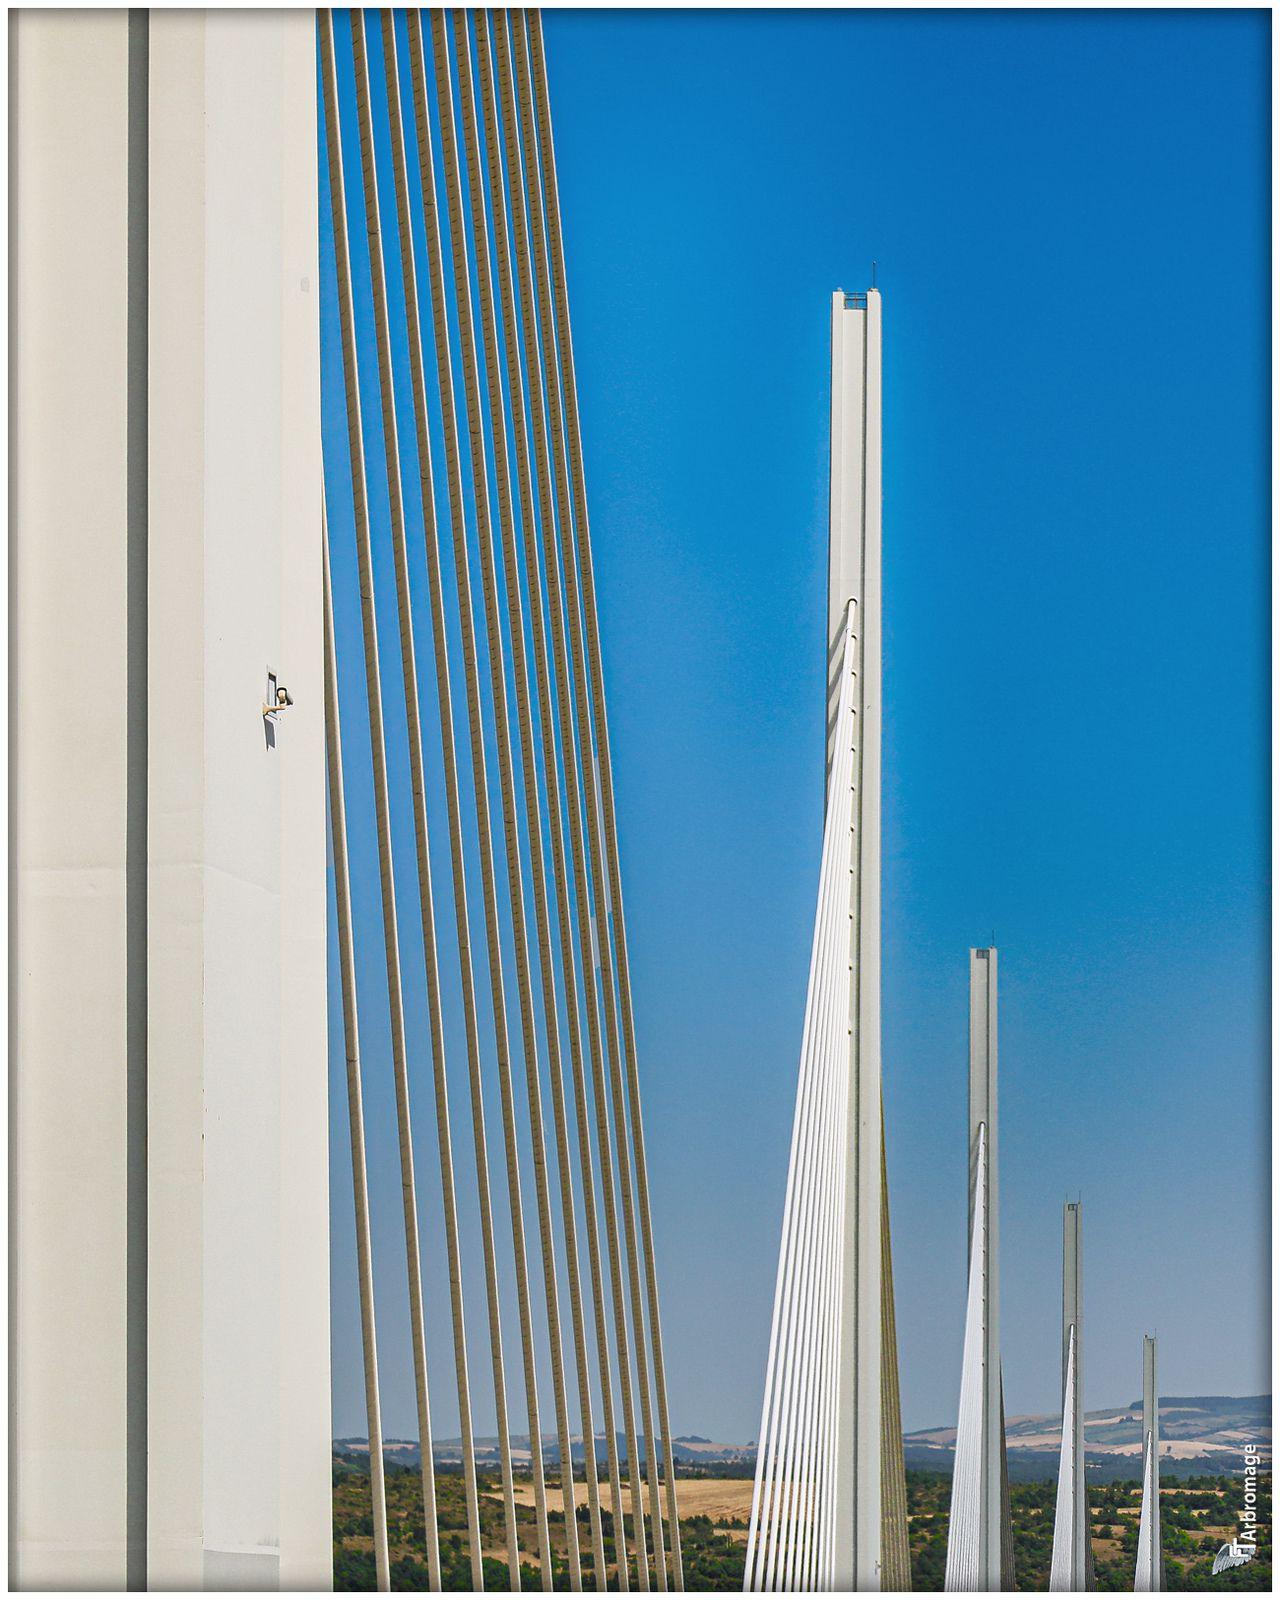 Les géants du viaduc de Millau